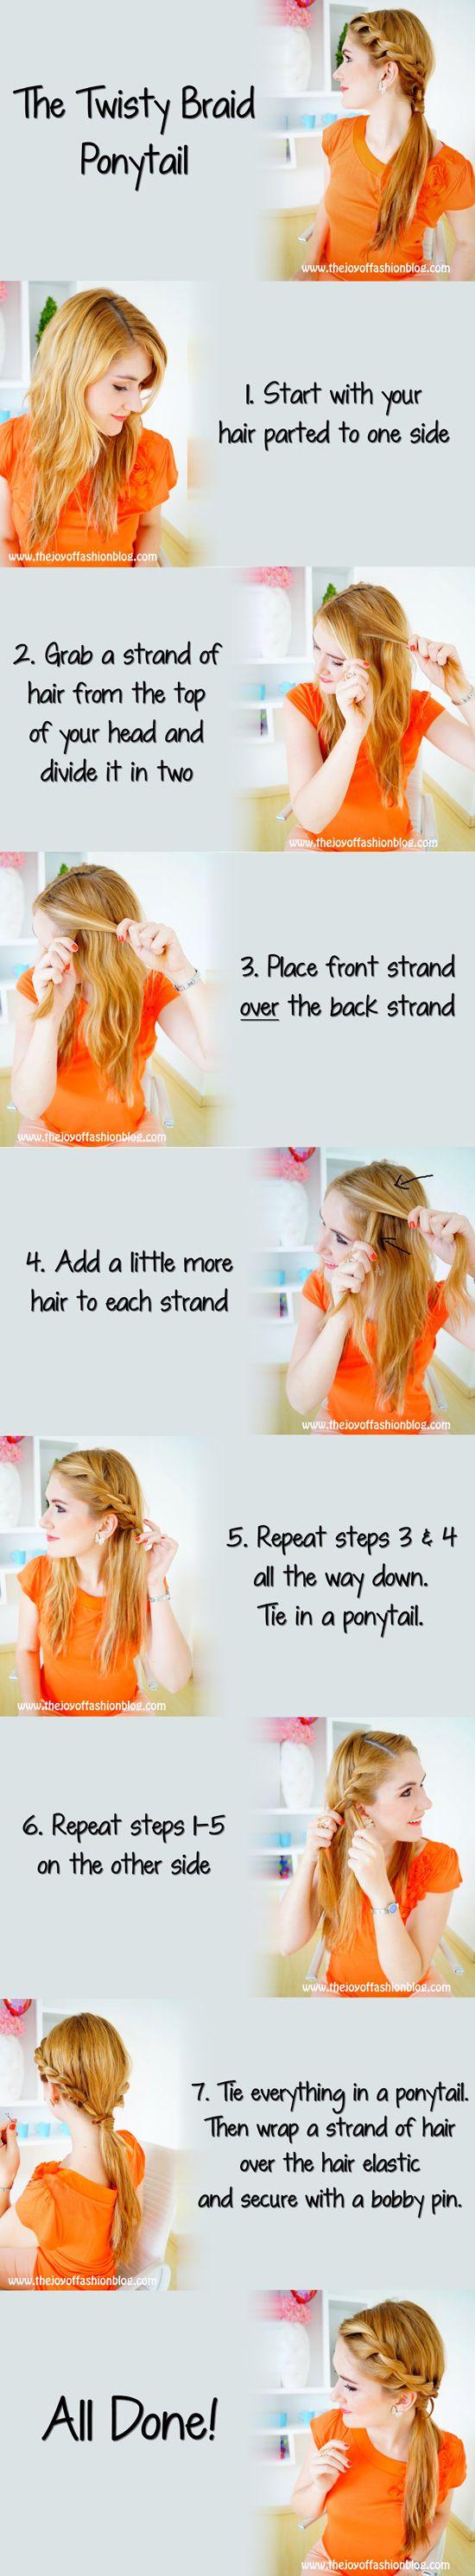 DIY Twisty Braid Hair Tutorial